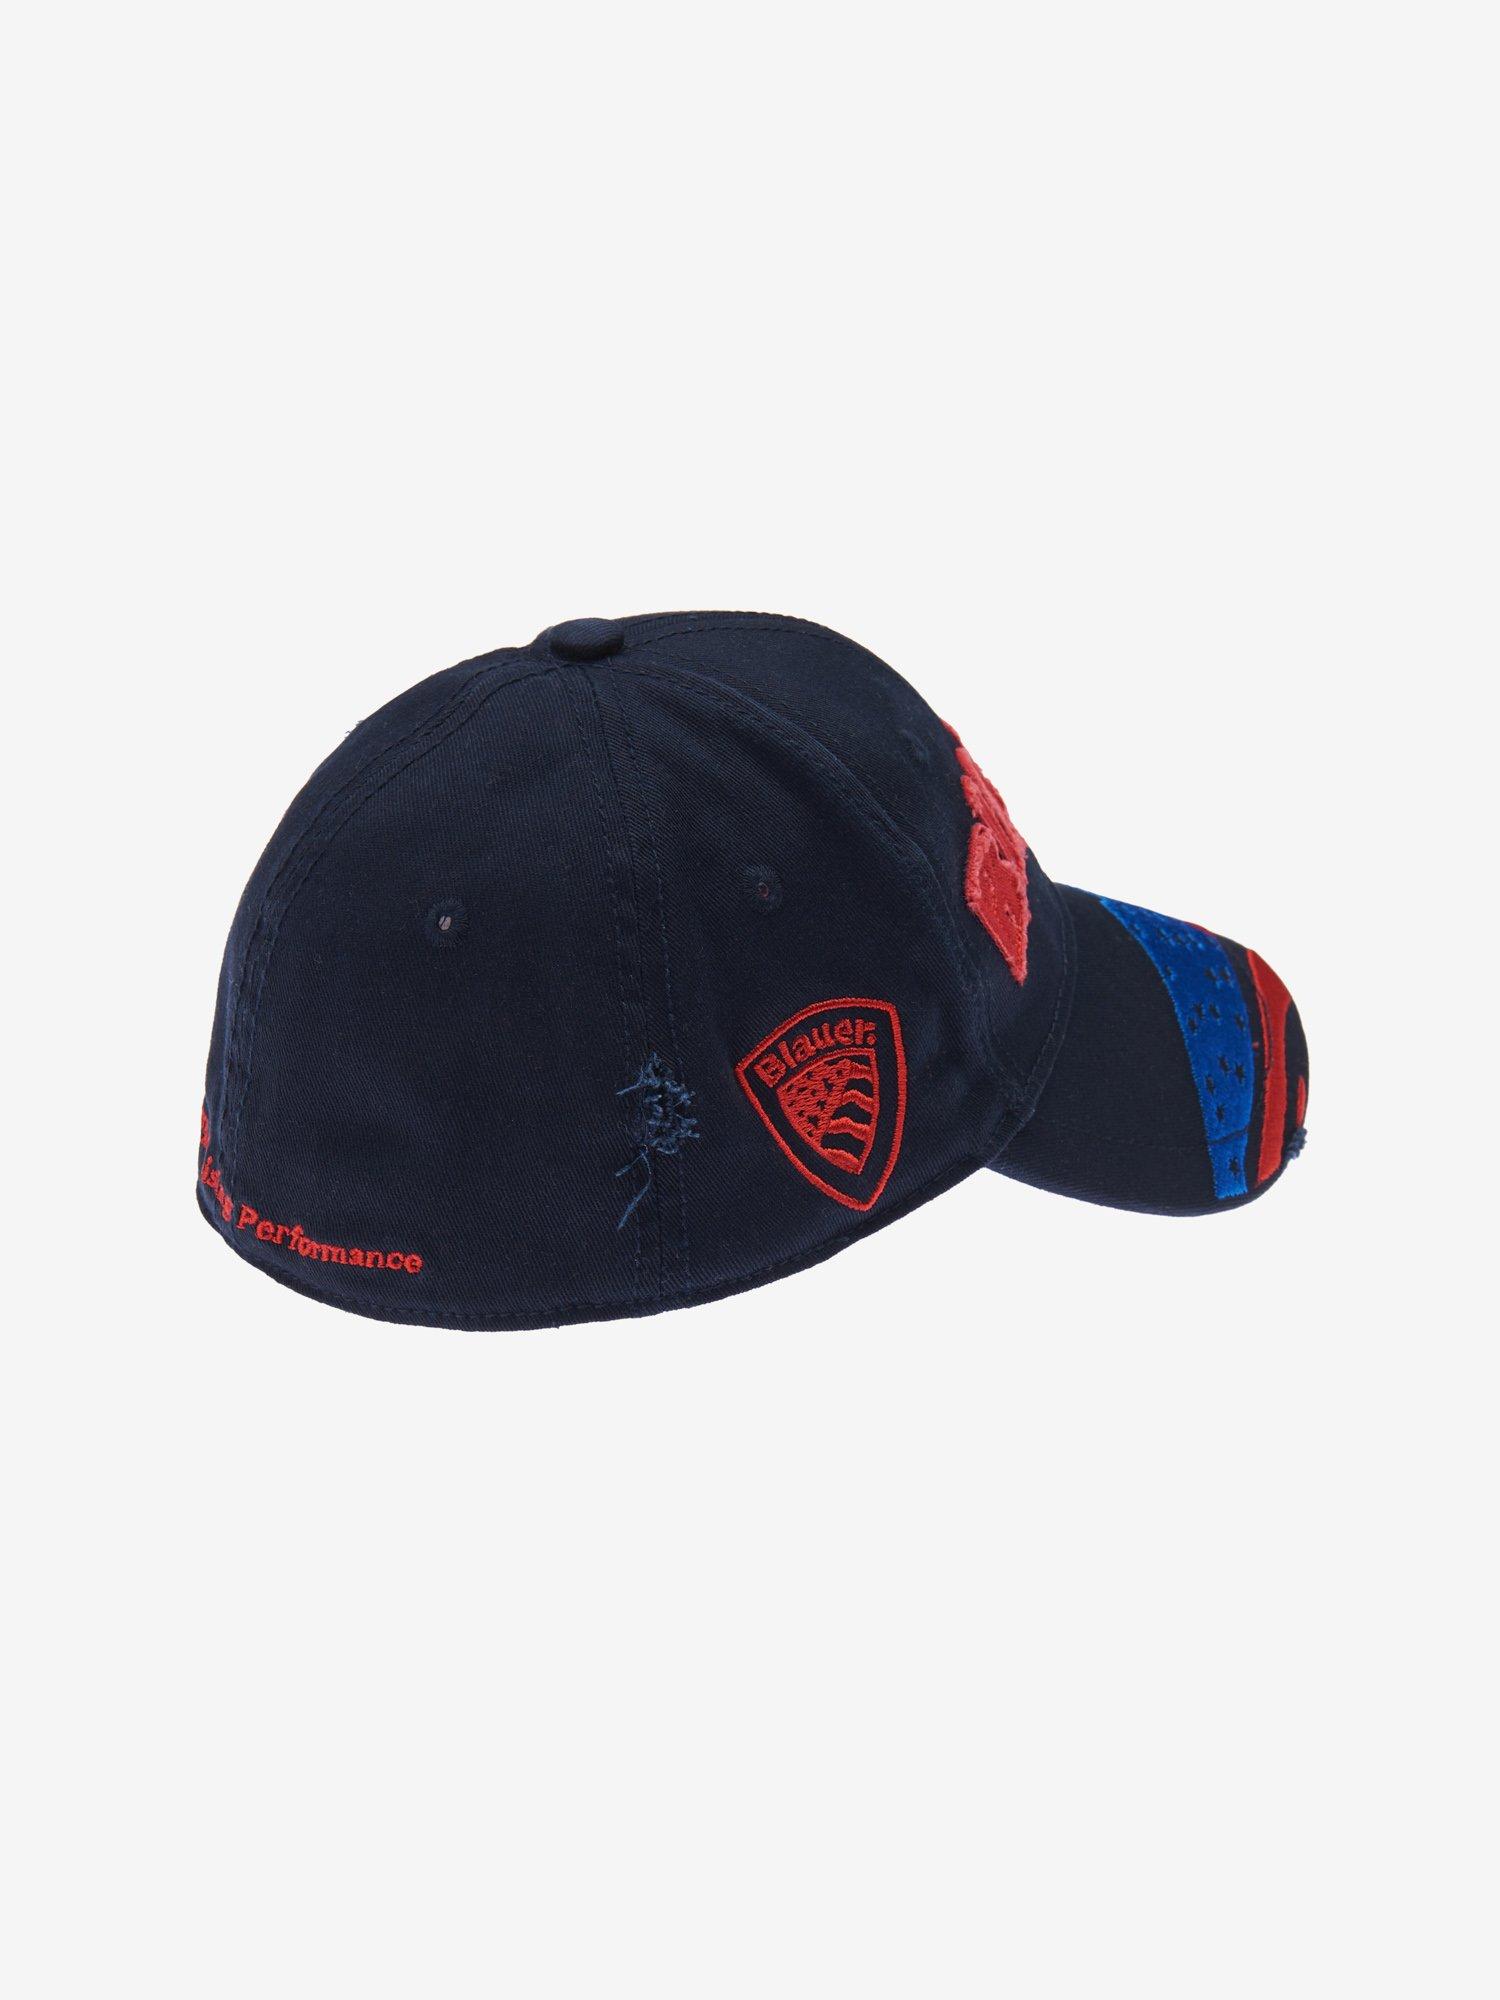 JUNIOR CAP WITH VISOR - Blauer